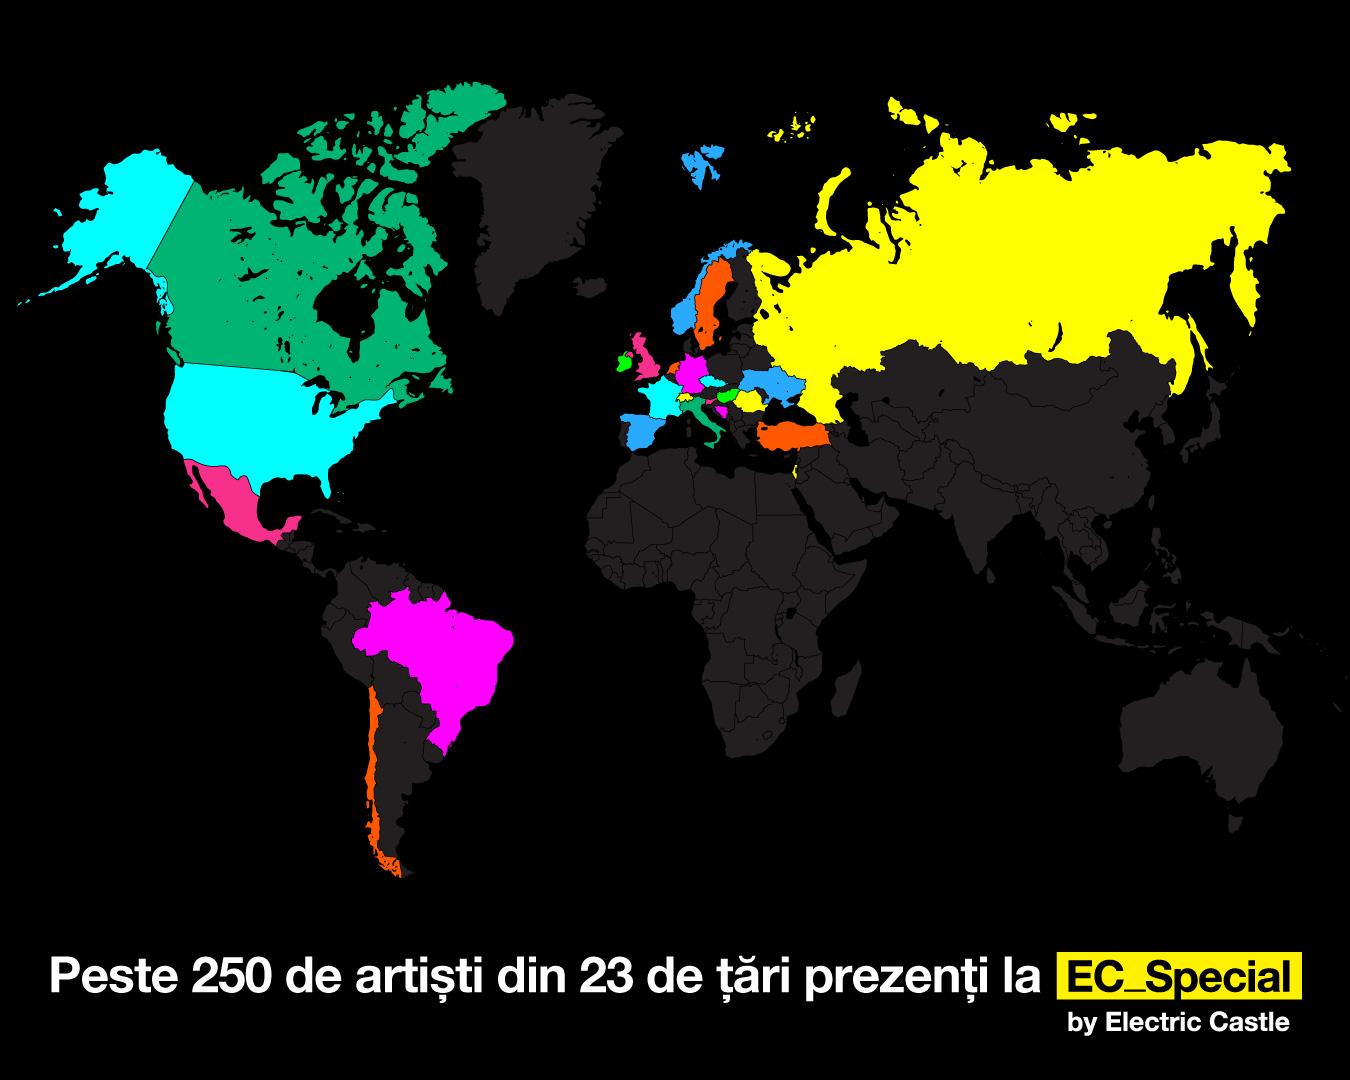 EC_Special_world map_artiști